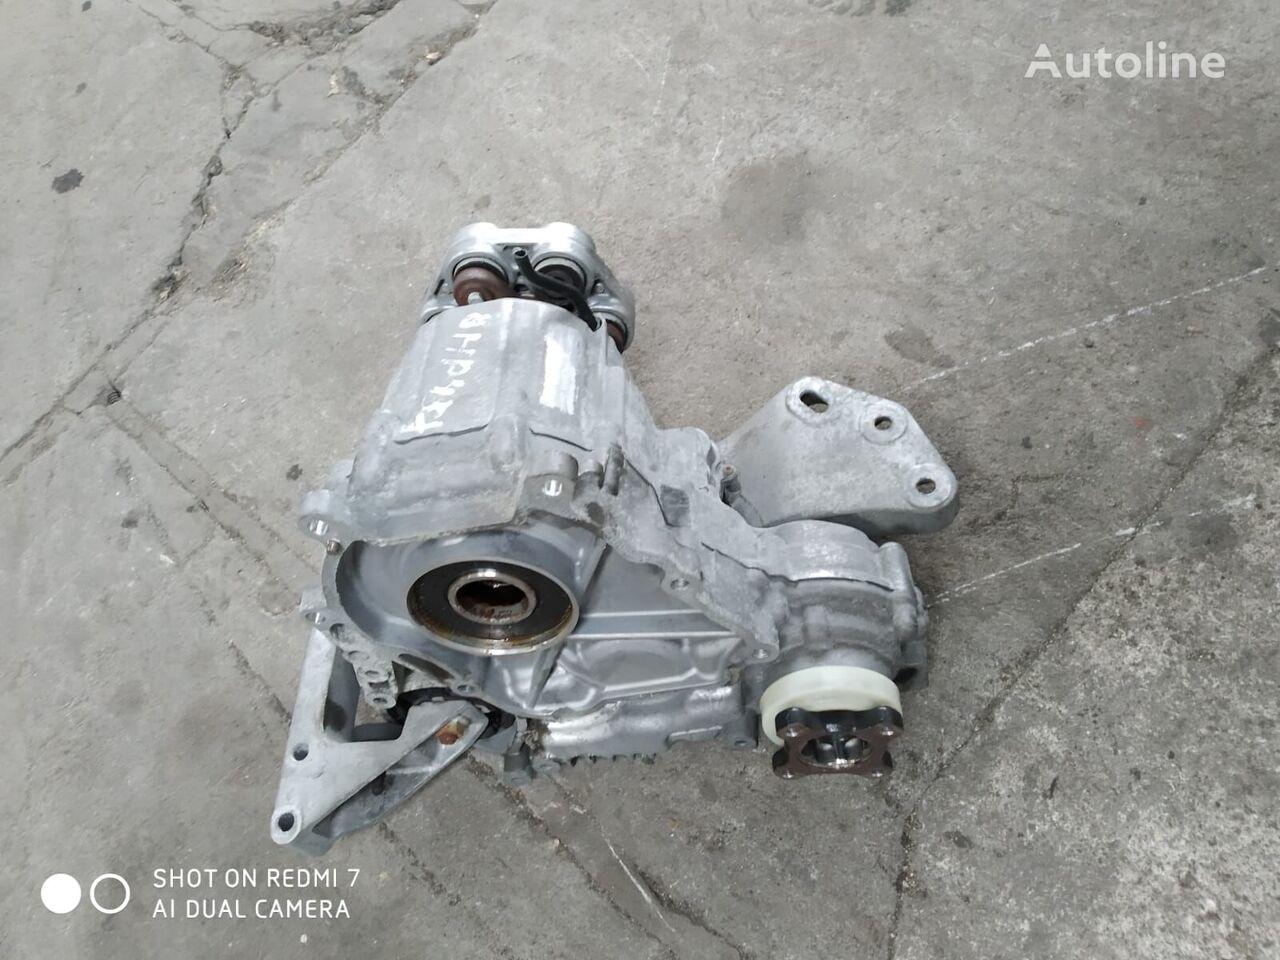 BMW GETRIEBEVERTEILER HP45X 7649783 gearbox for VOLKSWAGEN GETRIEBEVERTEILER BMW HP45X 7649783 bus